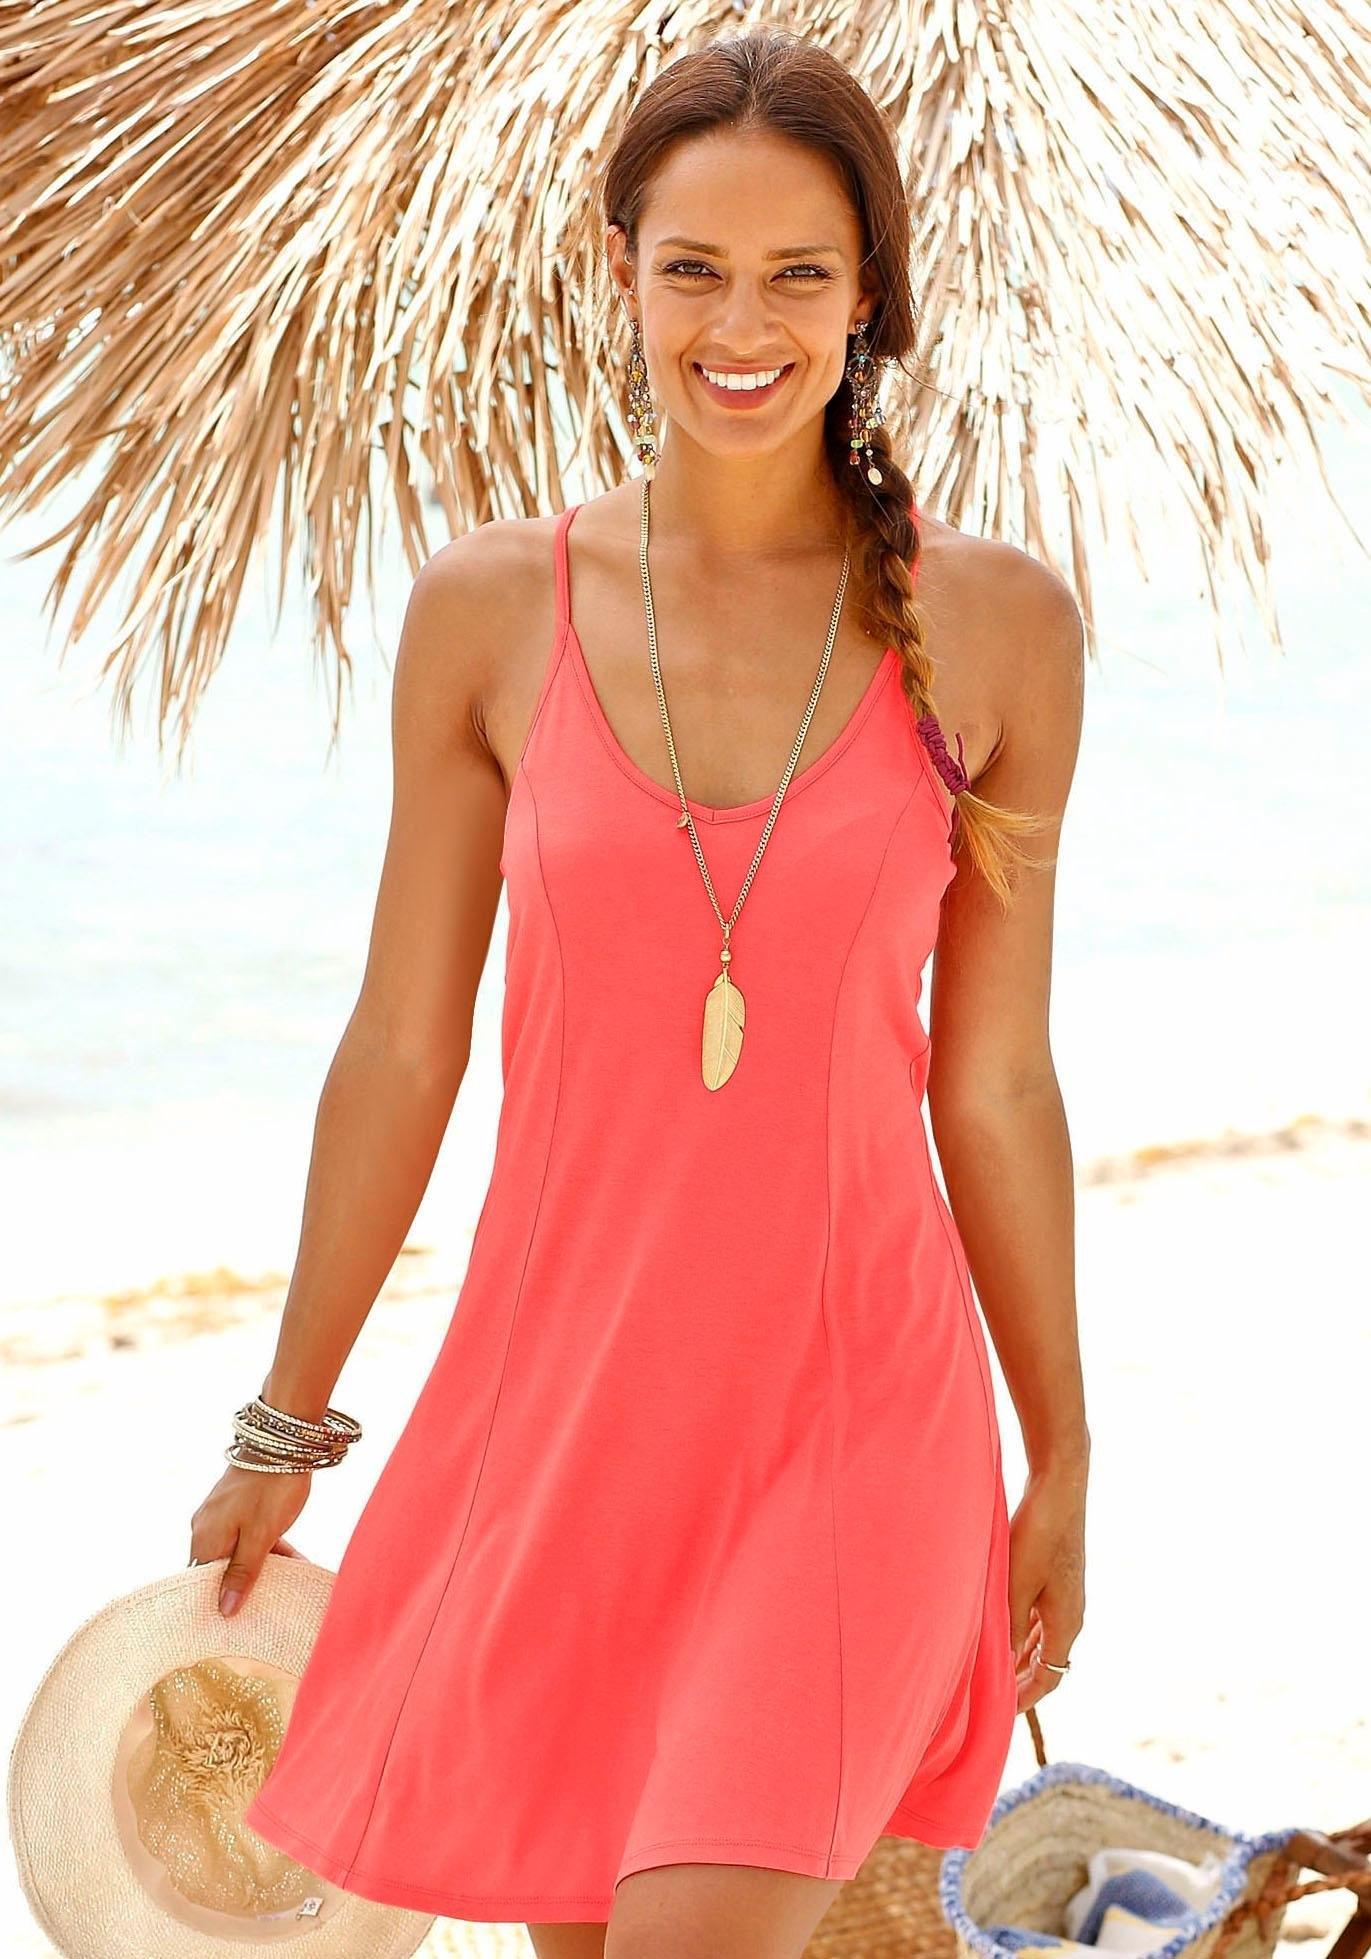 beachtime strandjurk bij Lascana online kopen